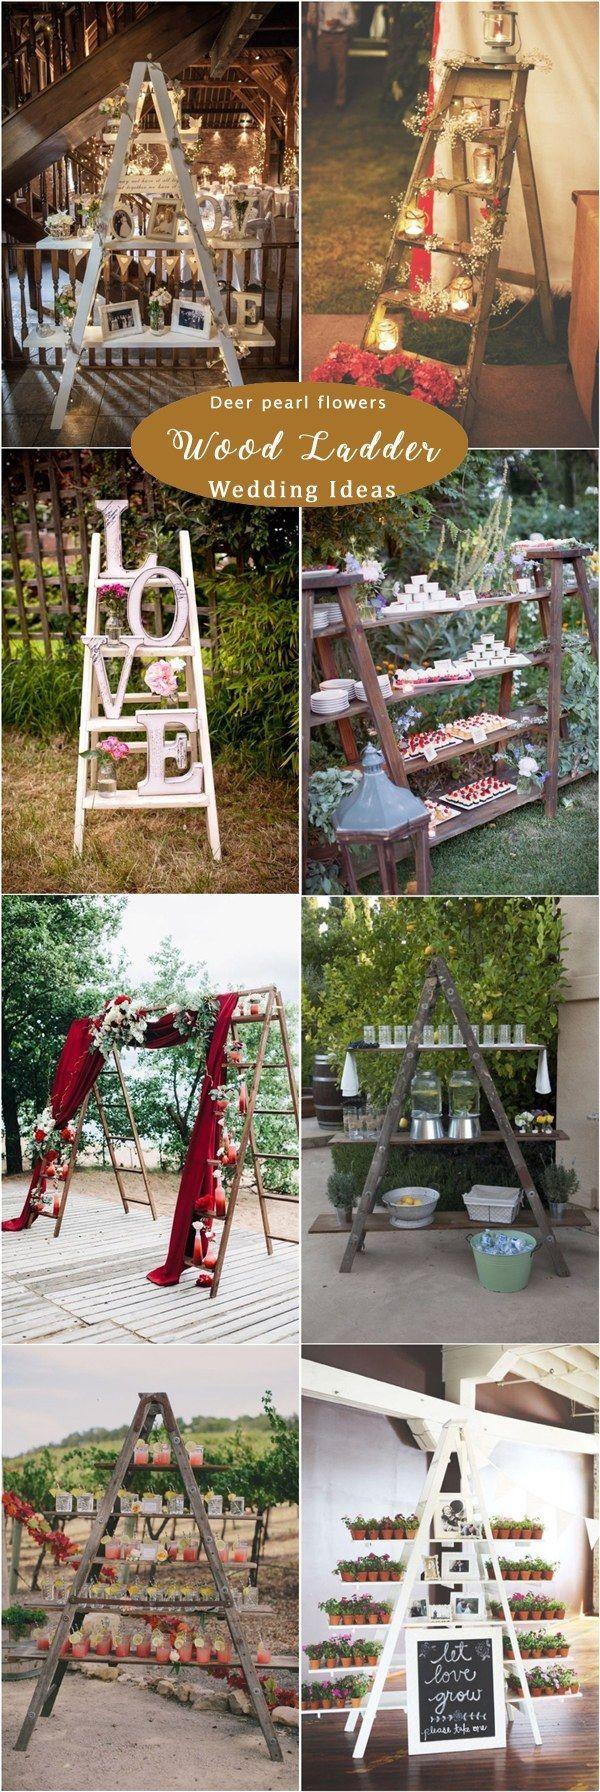 English wedding decoration ideas  Rustic wooden ladder wedding decor ideas